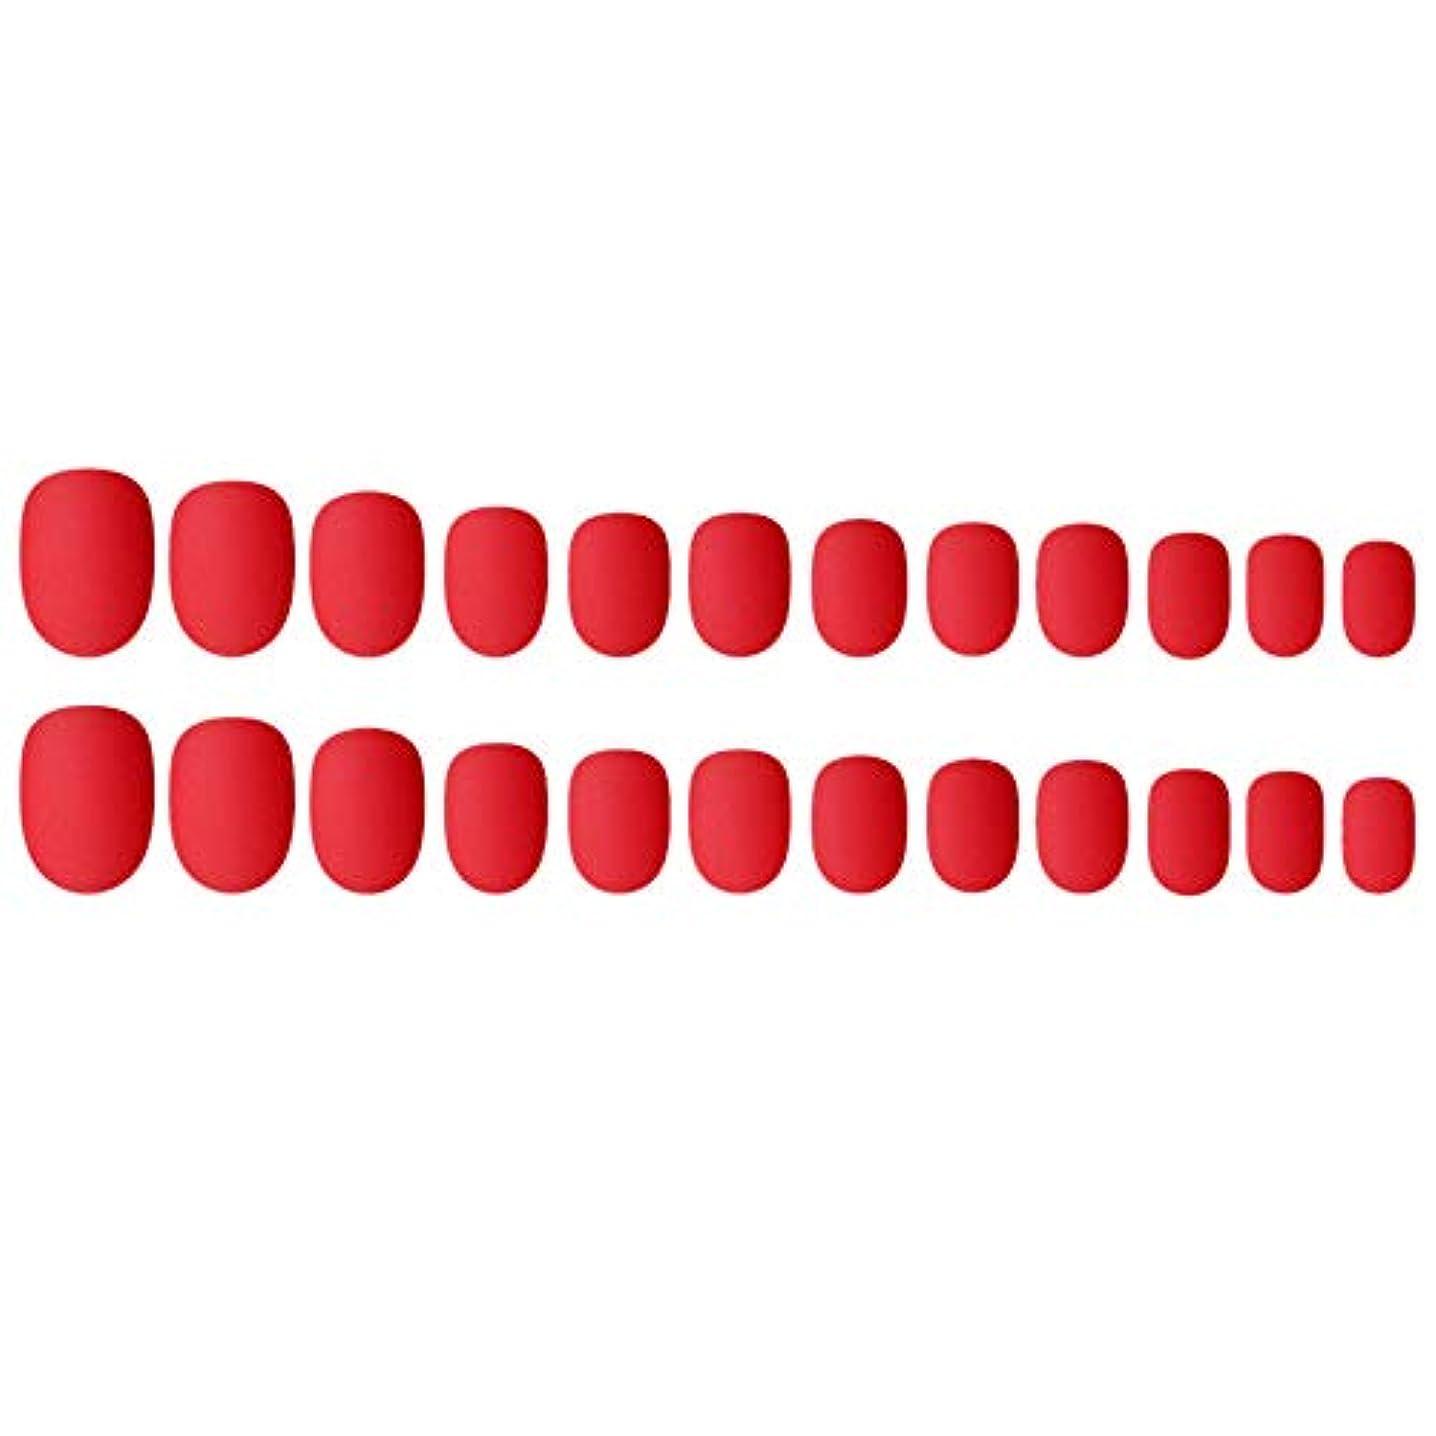 バーチャルベッドを作るタイトルDecdeal ネイルチップ 24ピース 偽ネイルのヒント 12種類のサイズ ネイルサロン diy ネイルアートツール